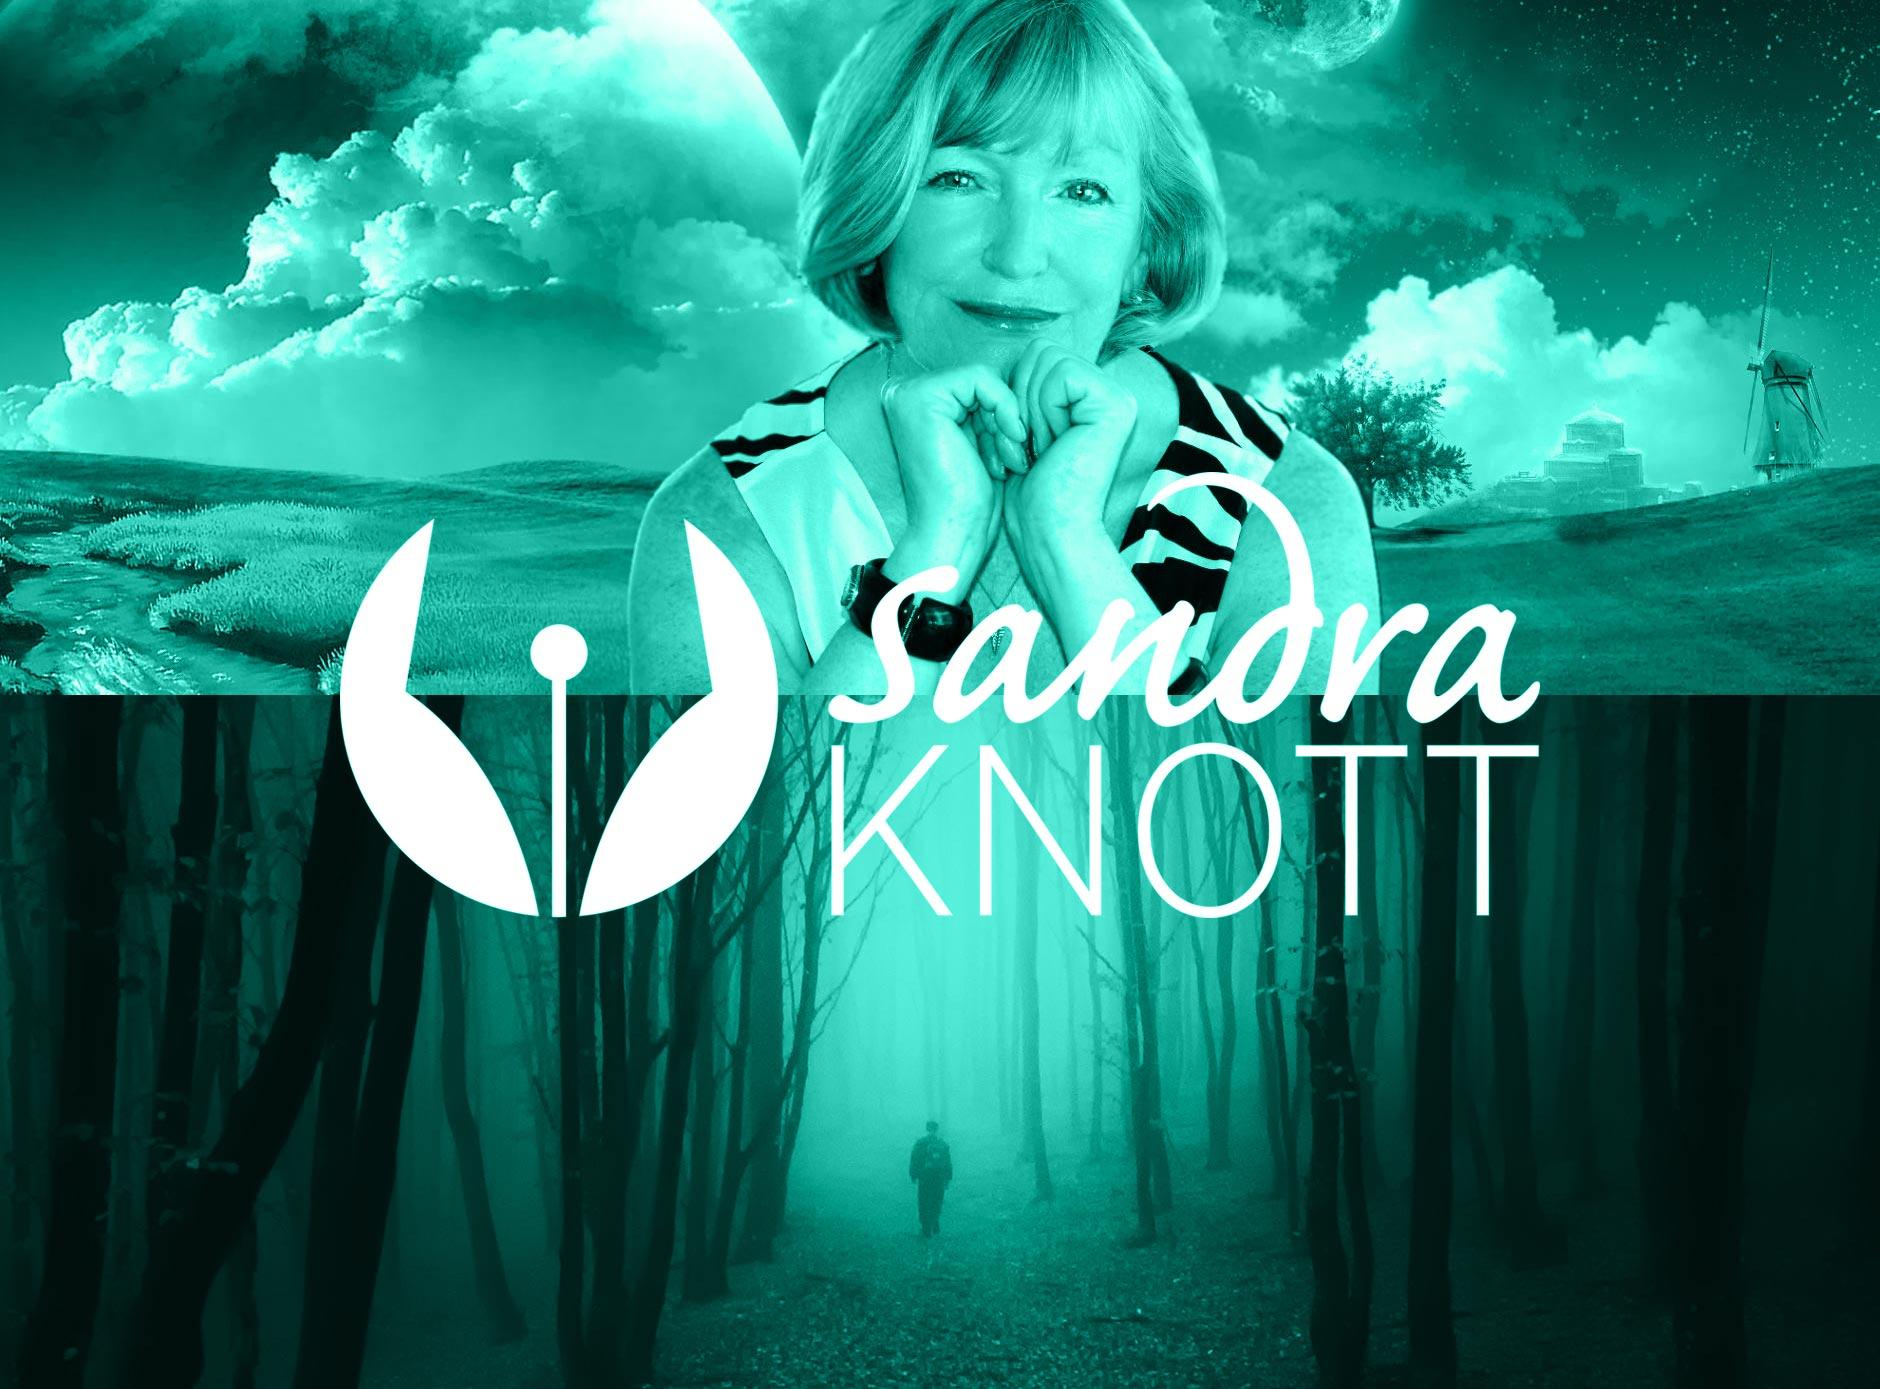 Sandra Knott website